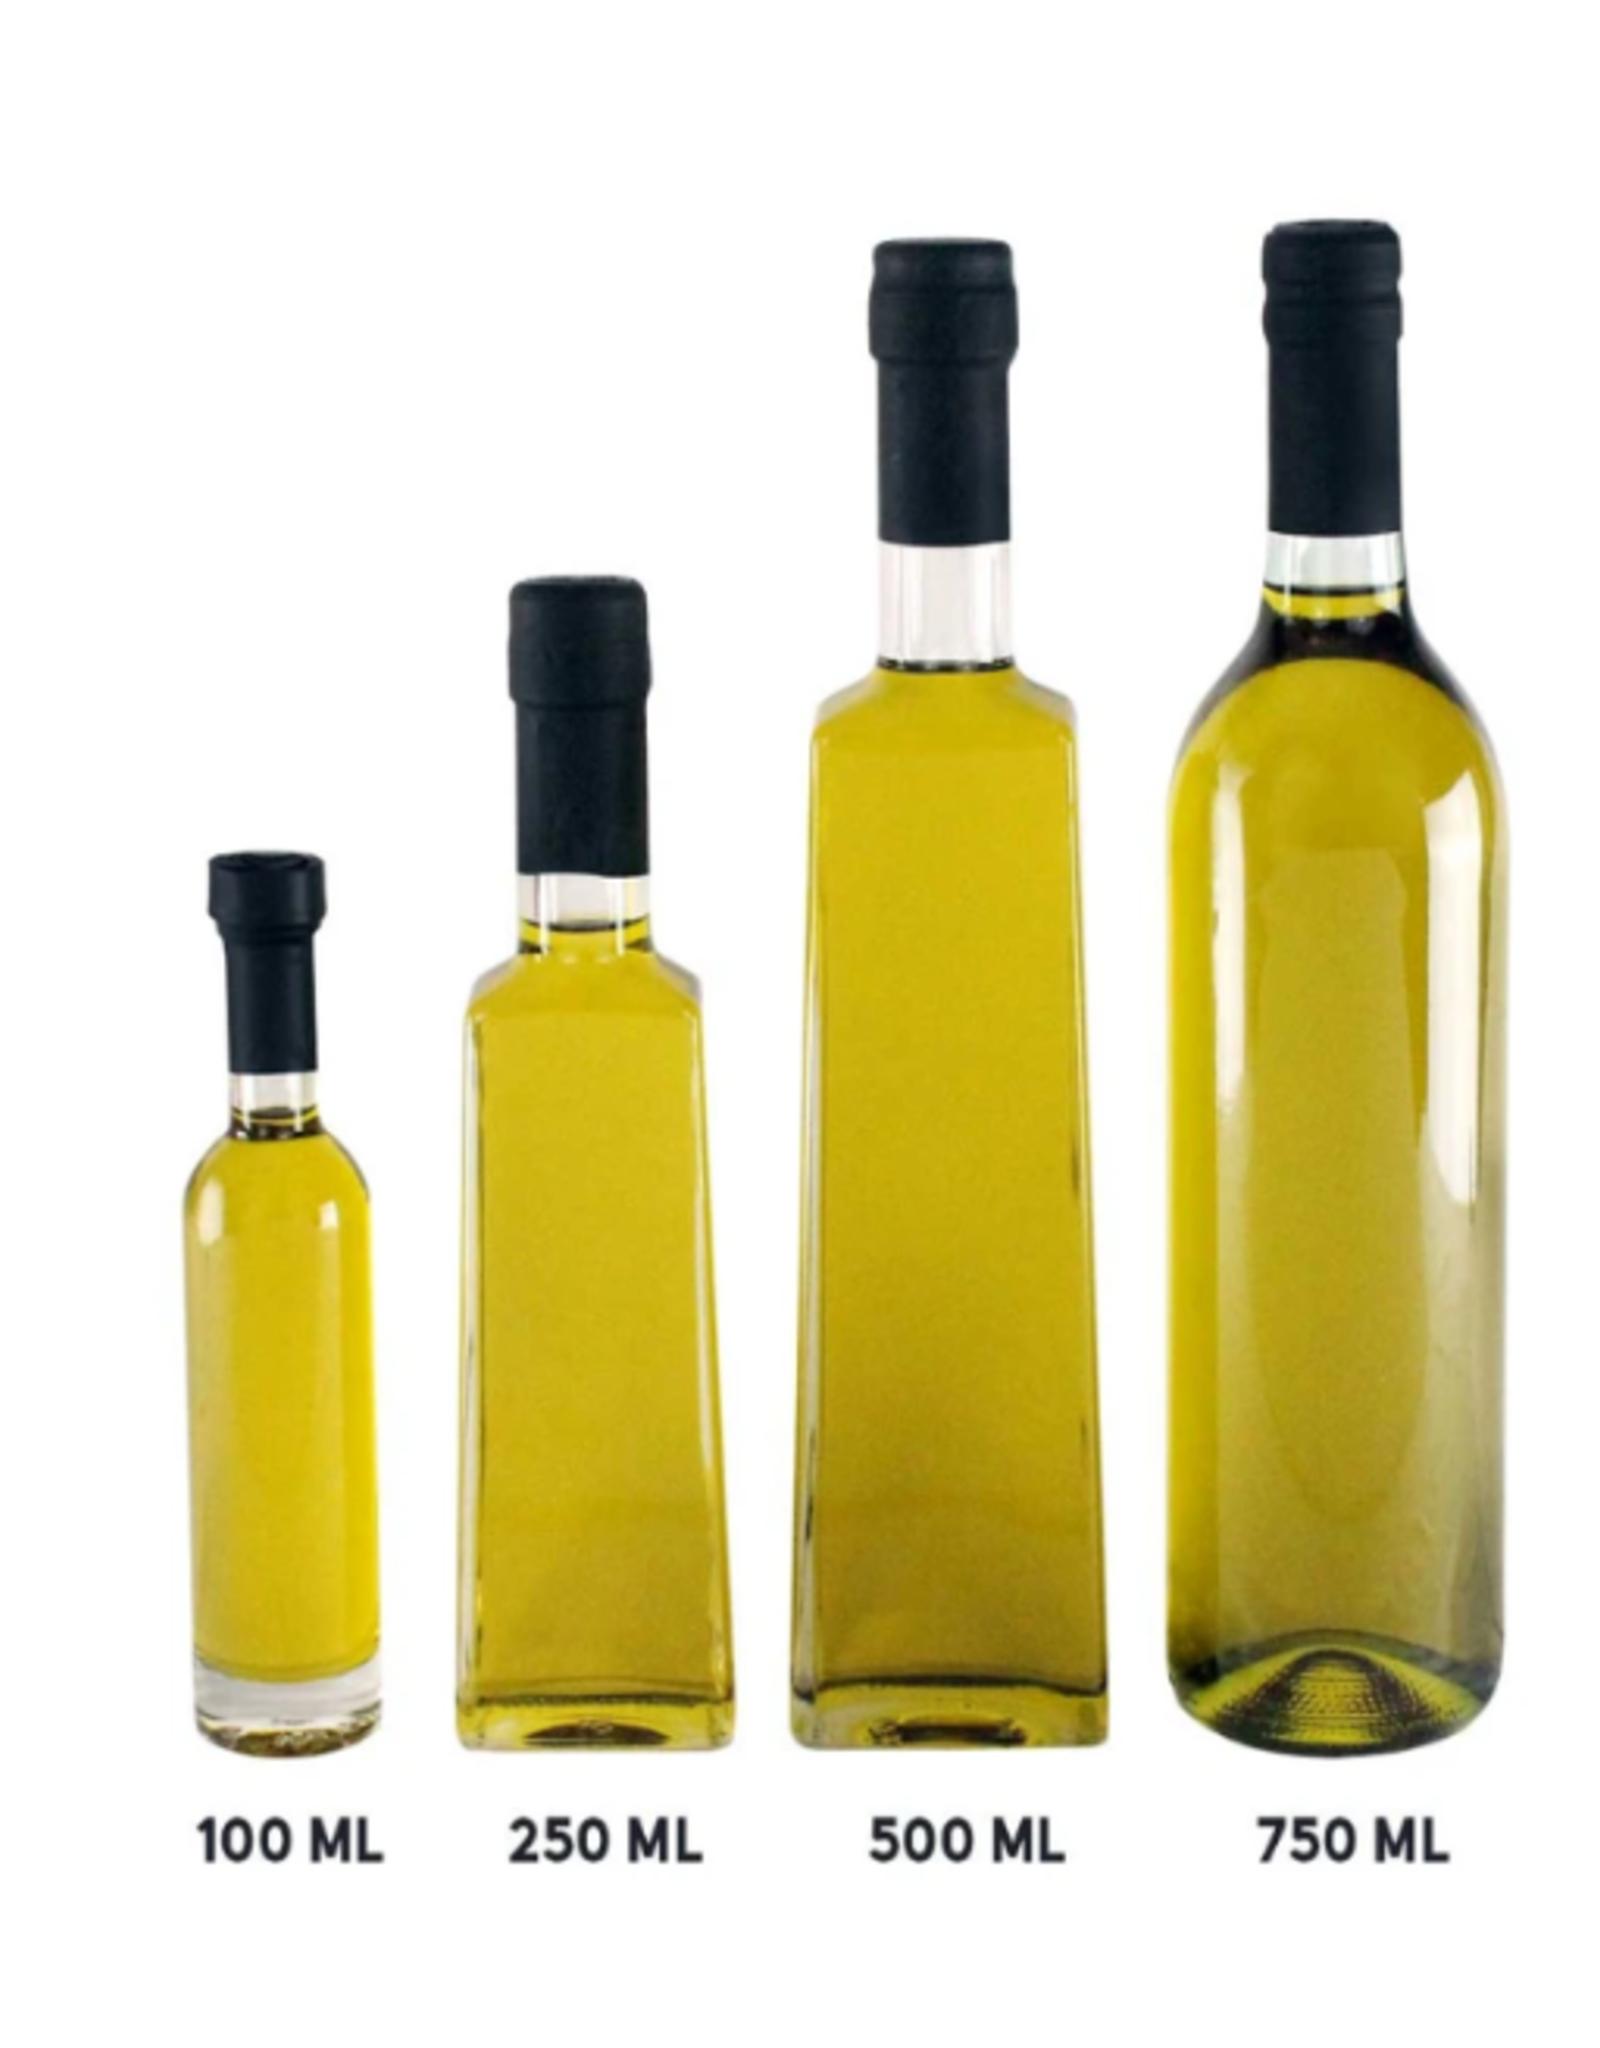 Olivelle Barrel Aged Balsamic Vinegar